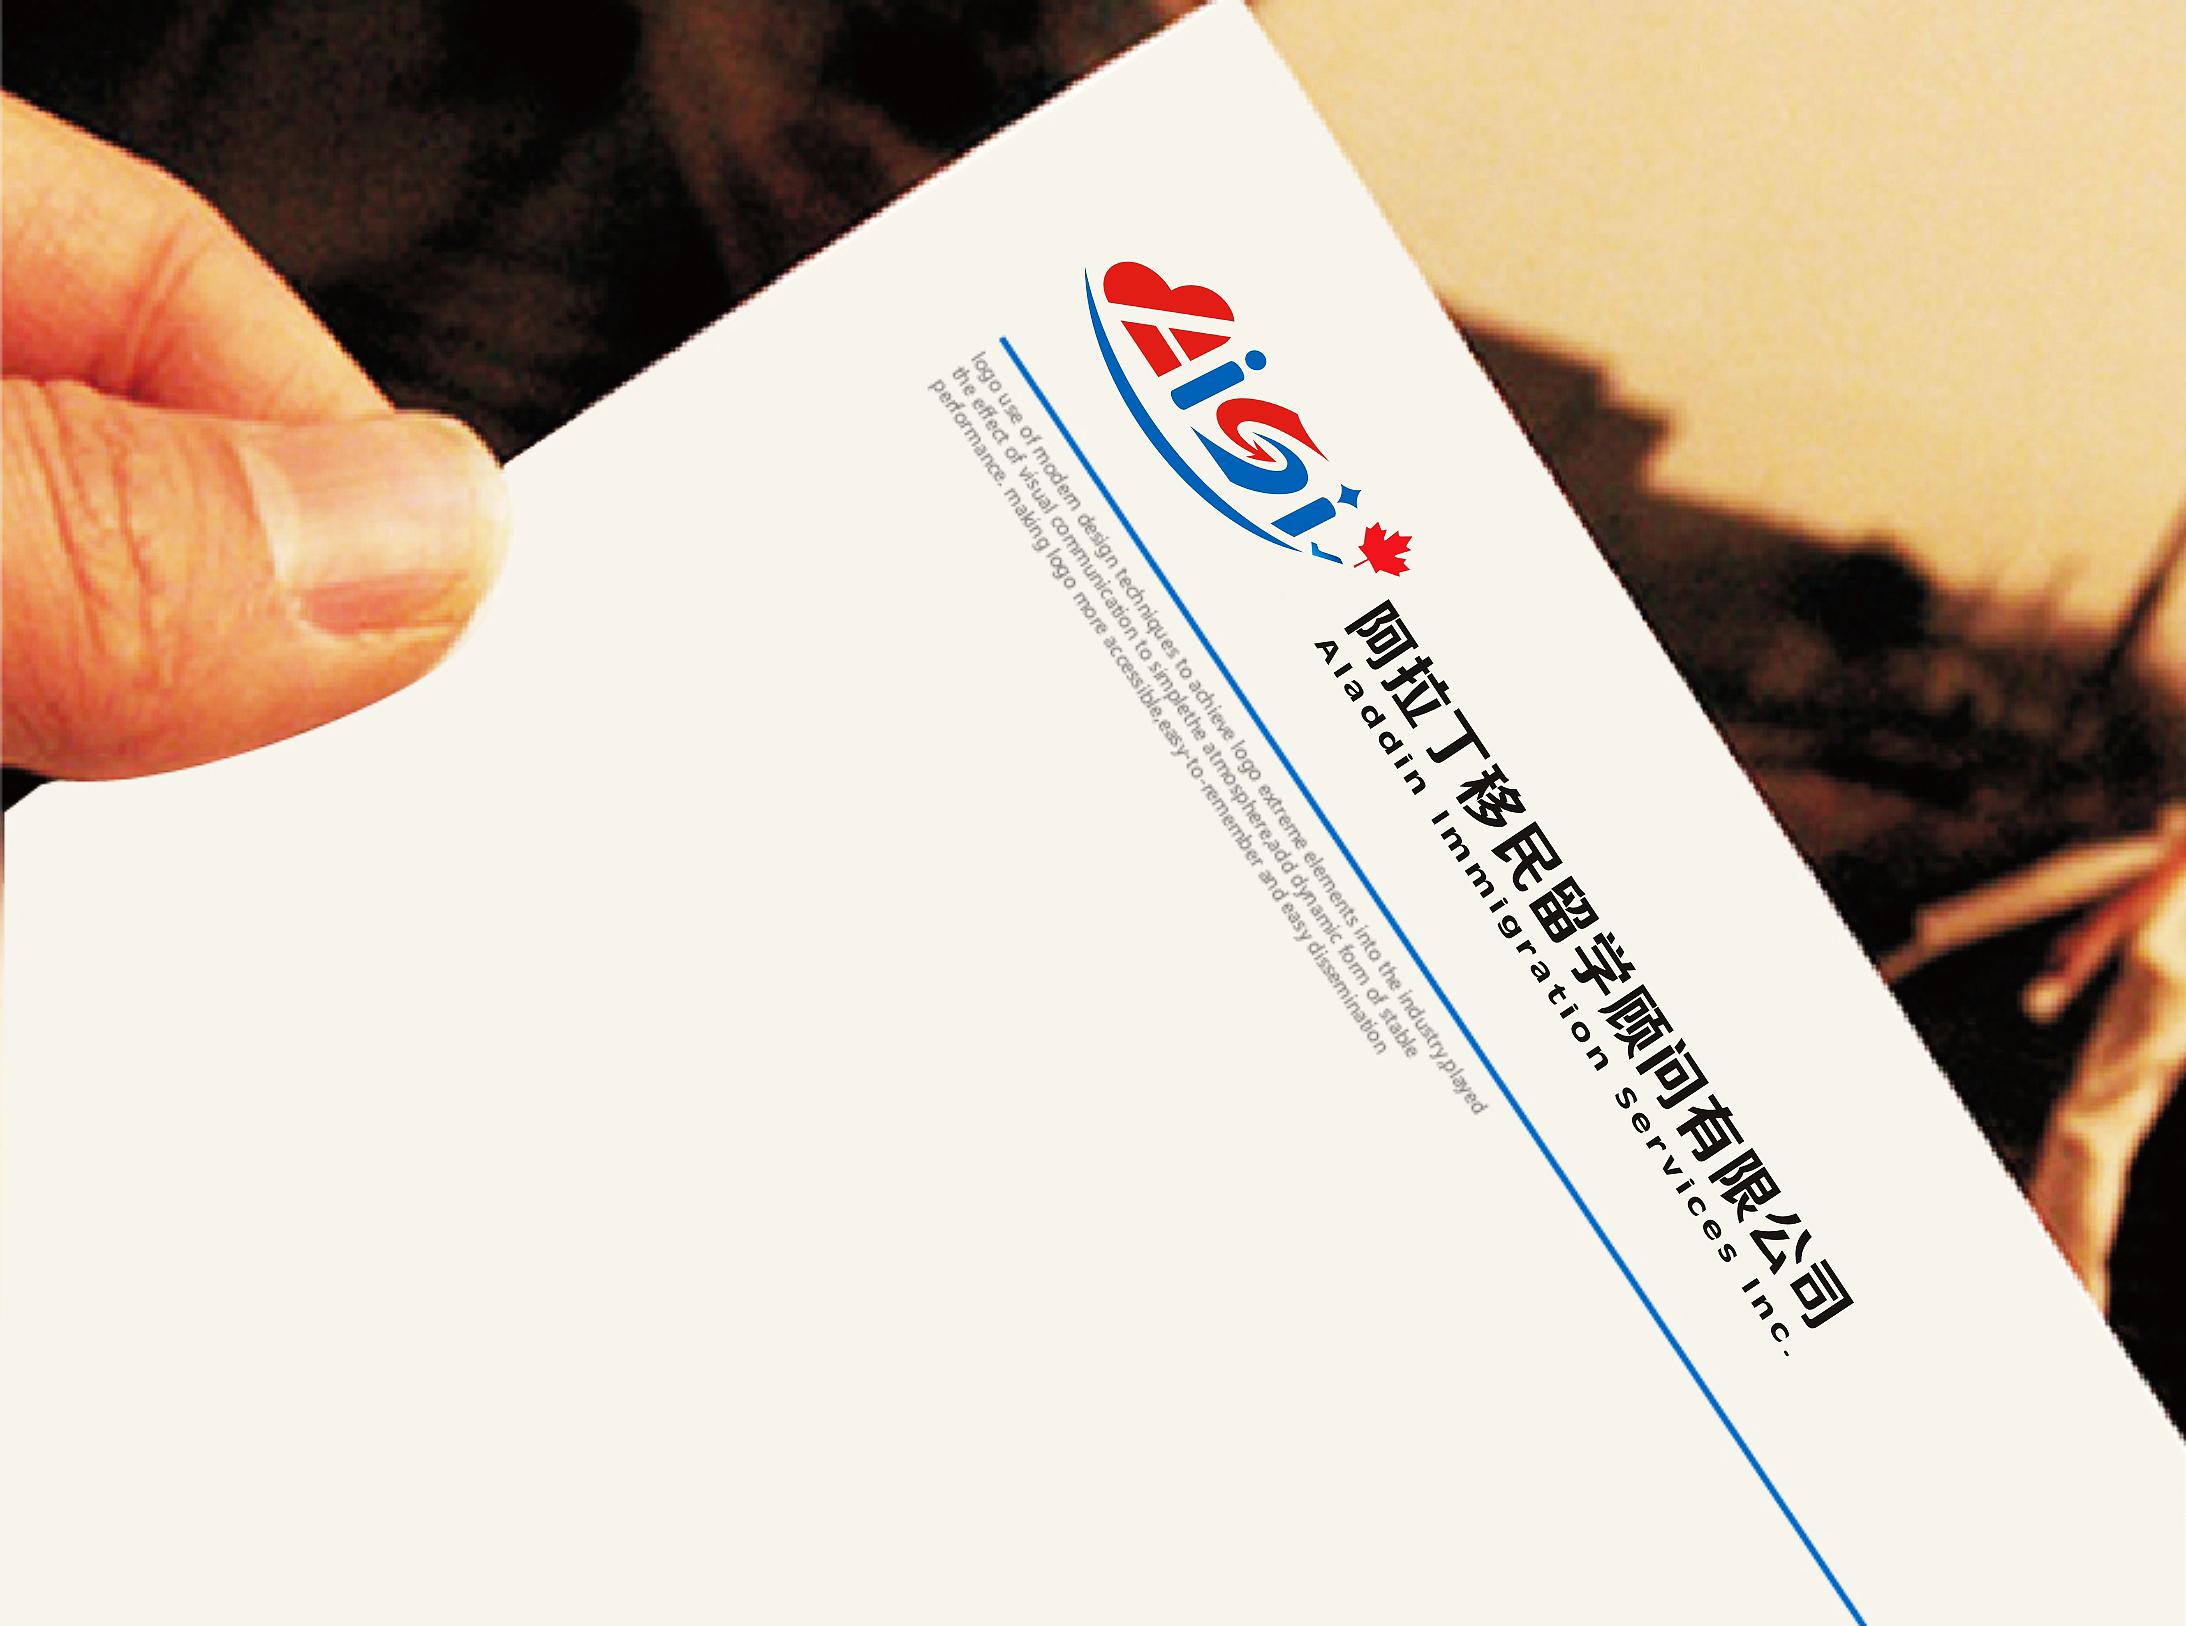 公司标识LOGO设计_3025158_k68威客网